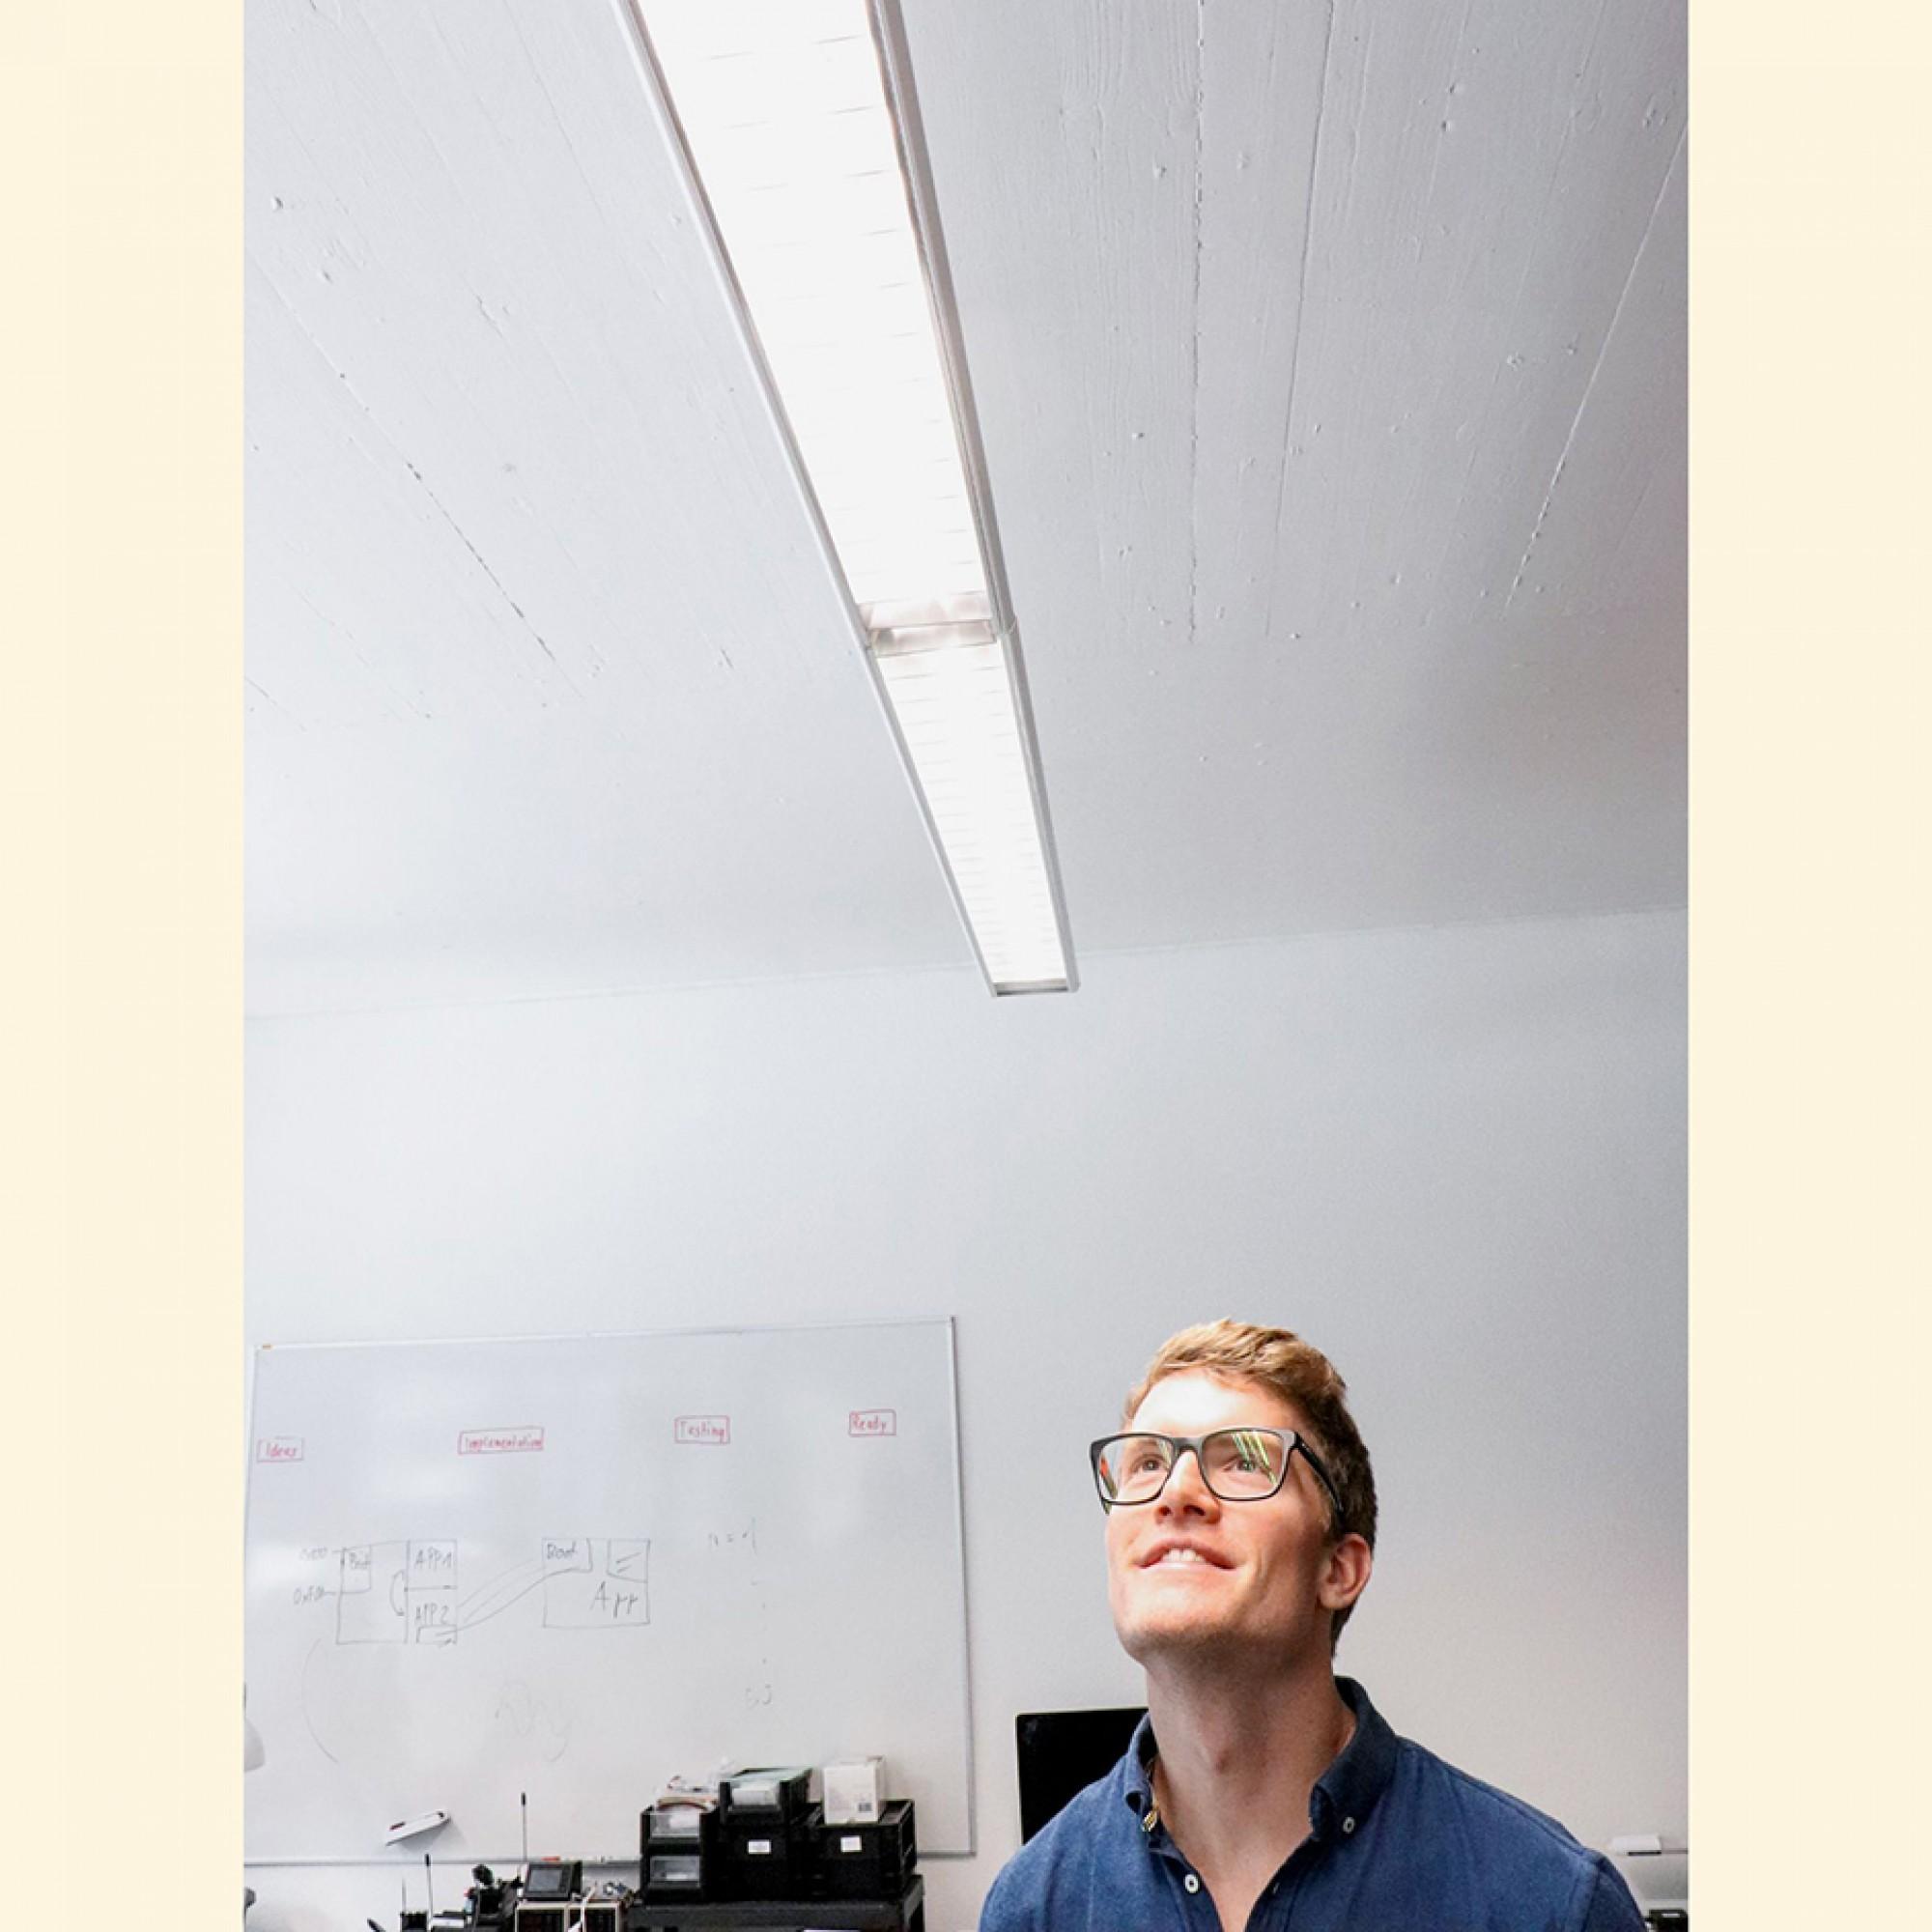 «Je mehr LED-Leuchtkörper wir verkaufen,desto mehr Energie sparen unsere Kunden», so LED-City-Geschäftsleiter Patrik Deuss. Kleinserien werden in der Schweiz gefertigt, grössereStückzahlen in China. Bei der Installation derLED-Röhren geht das Jungunter